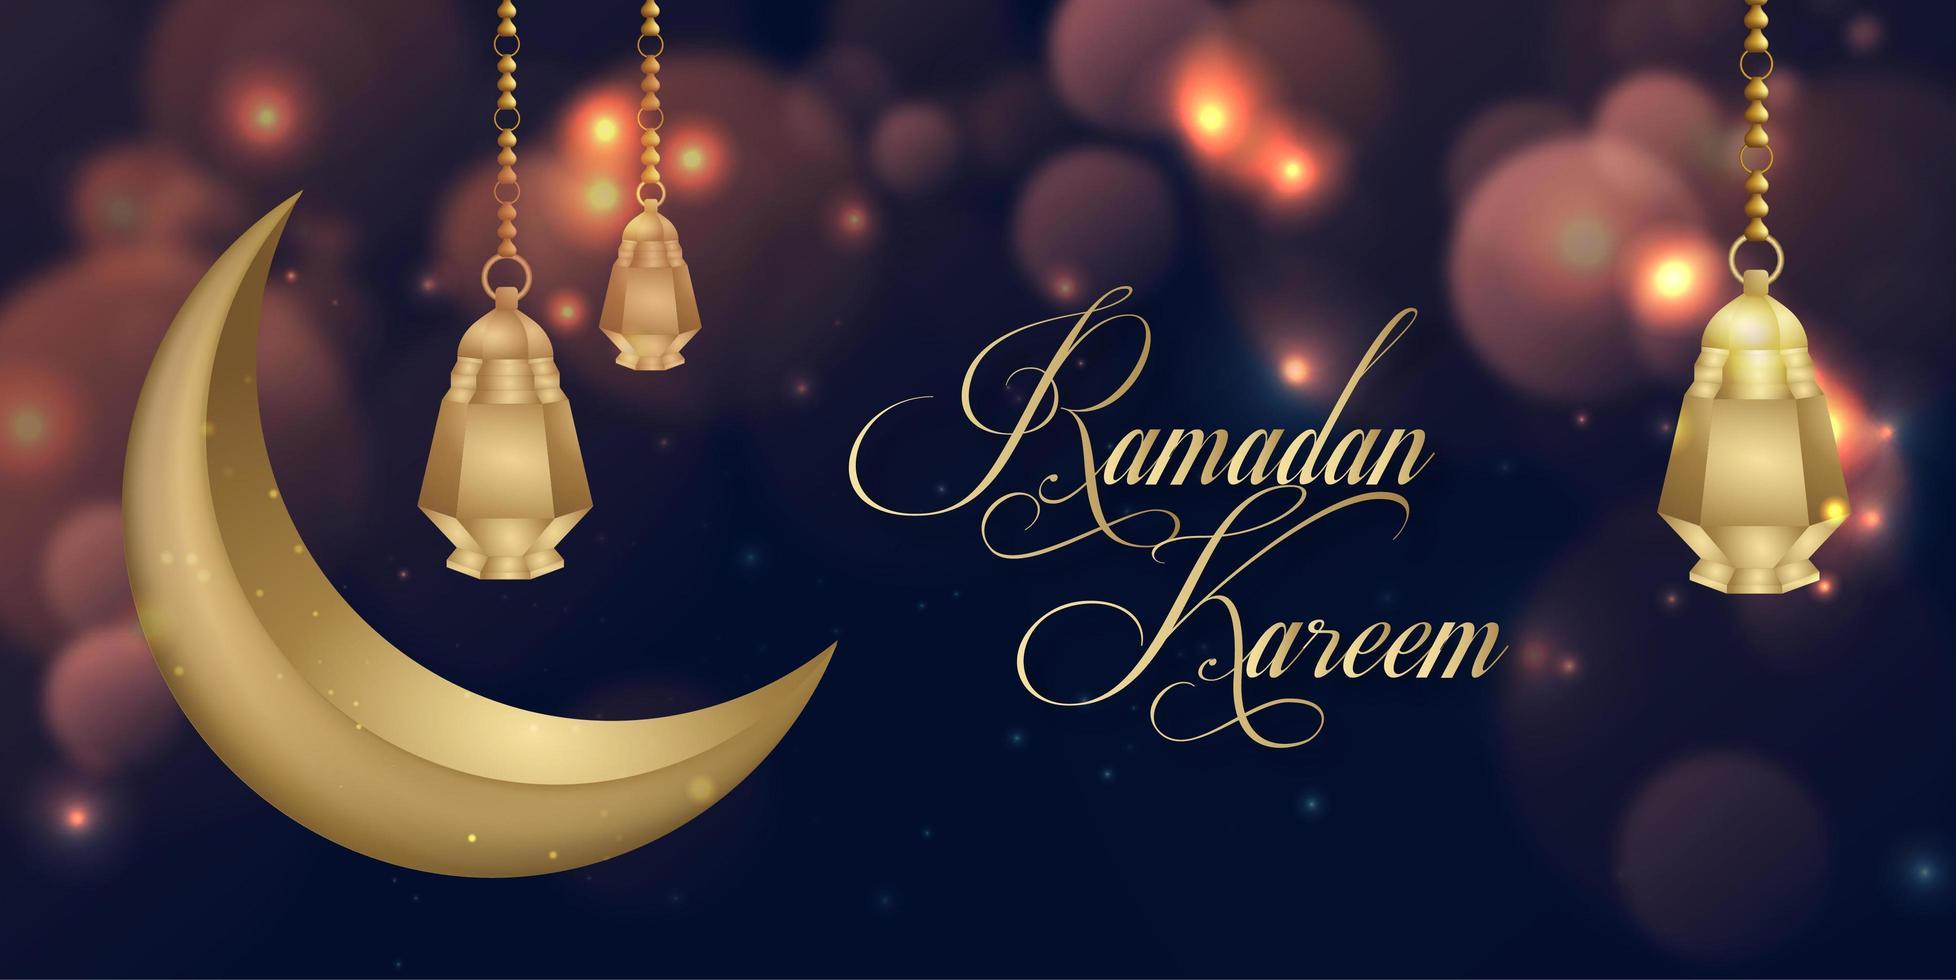 glödande ramadan kareem islamiska bakgrundsdesign för sociala medier vektor